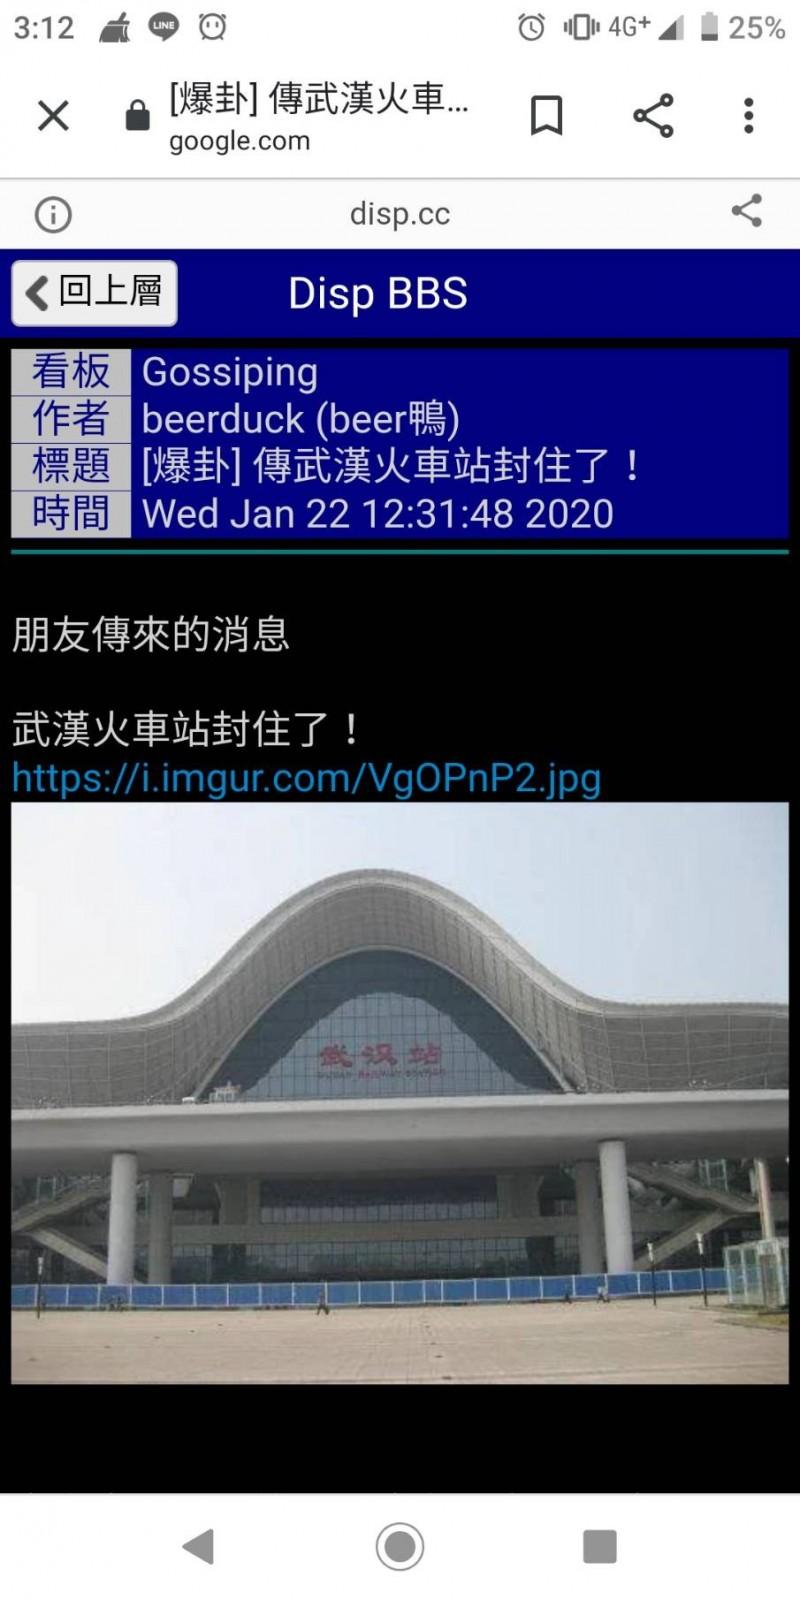 武漢火車站驚傳封站,網友眾說紛紜,也有部分網友懷疑是造謠。(圖擷取自PTT)